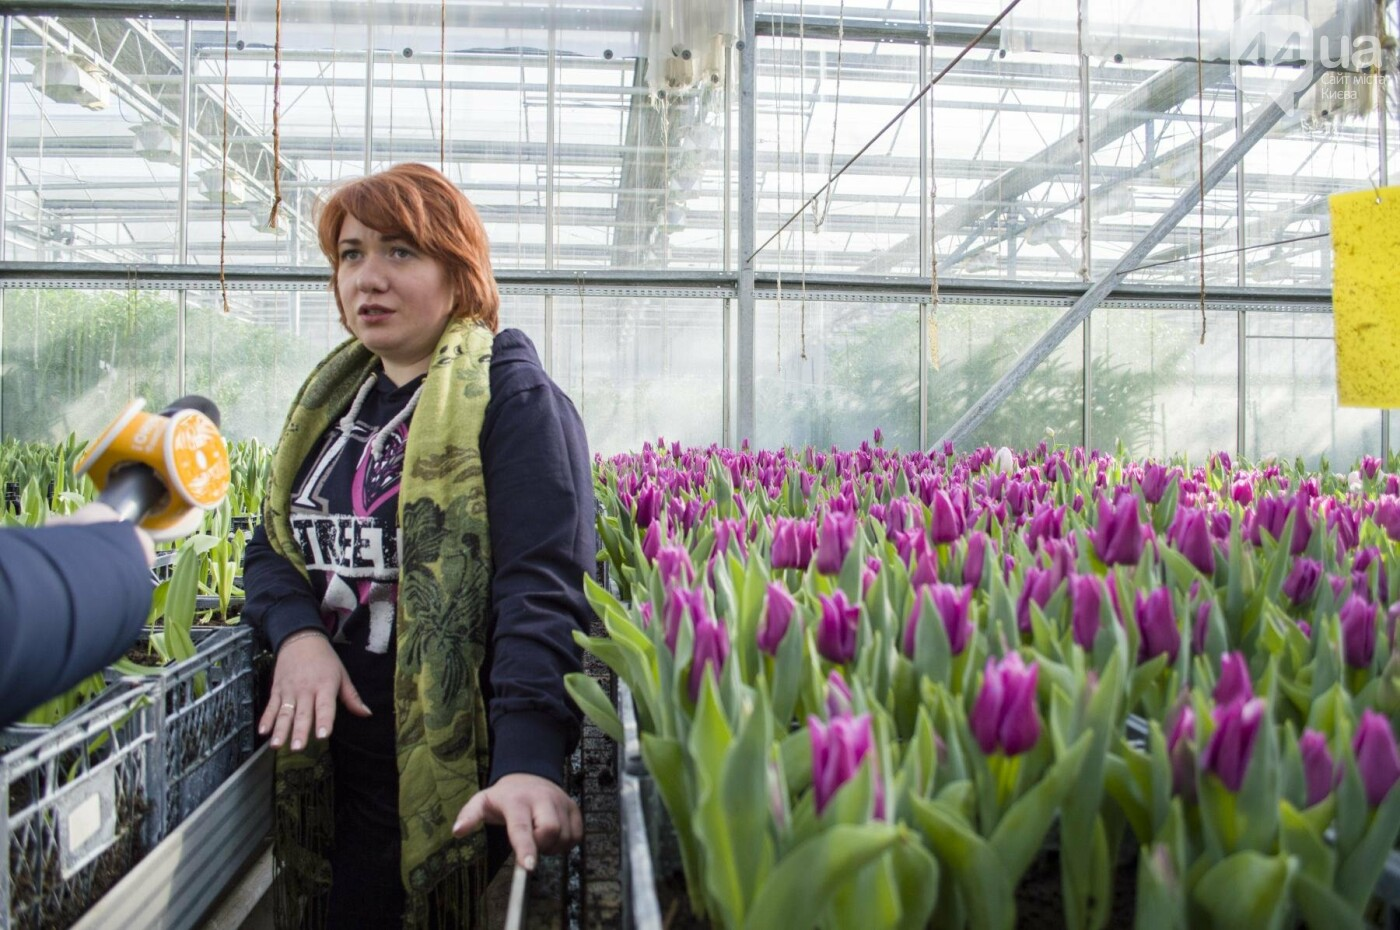 Цветочный рай: в киевской оранжерее зацвели десятки тысяч тюльпанов, фото-3